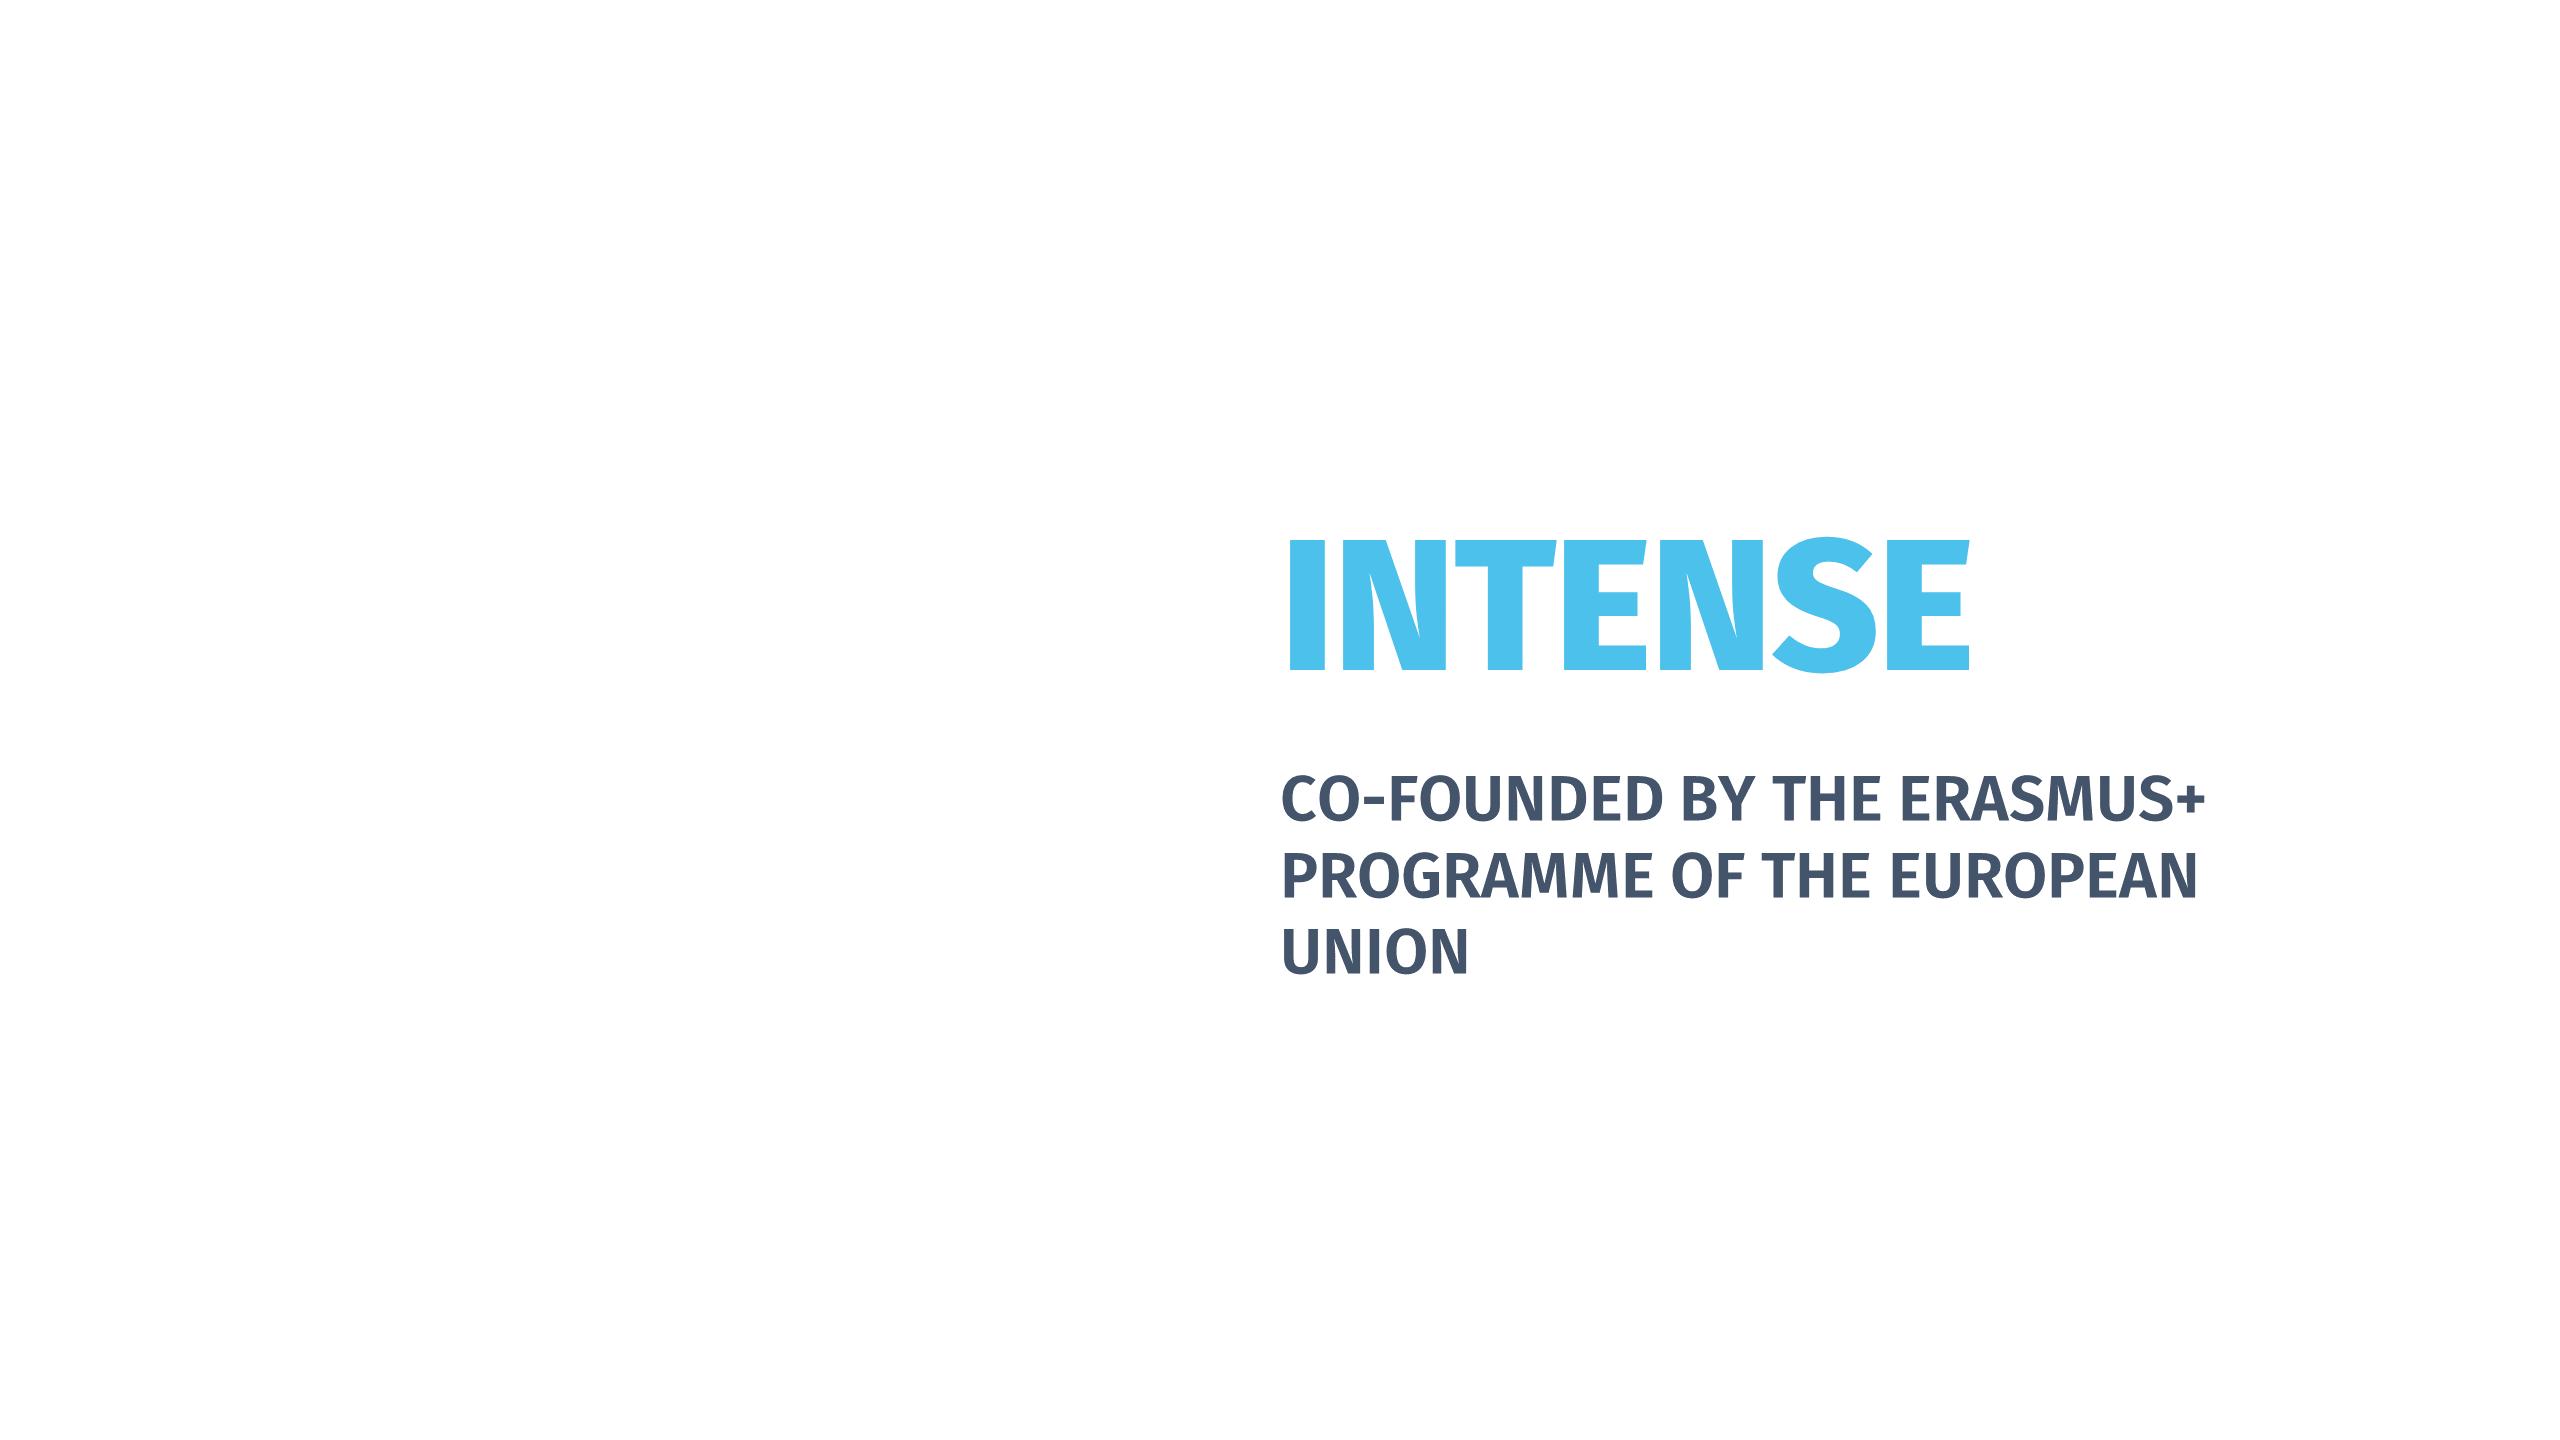 http://intense-eu.info/wp-content/uploads/2017/01/Folie1.png